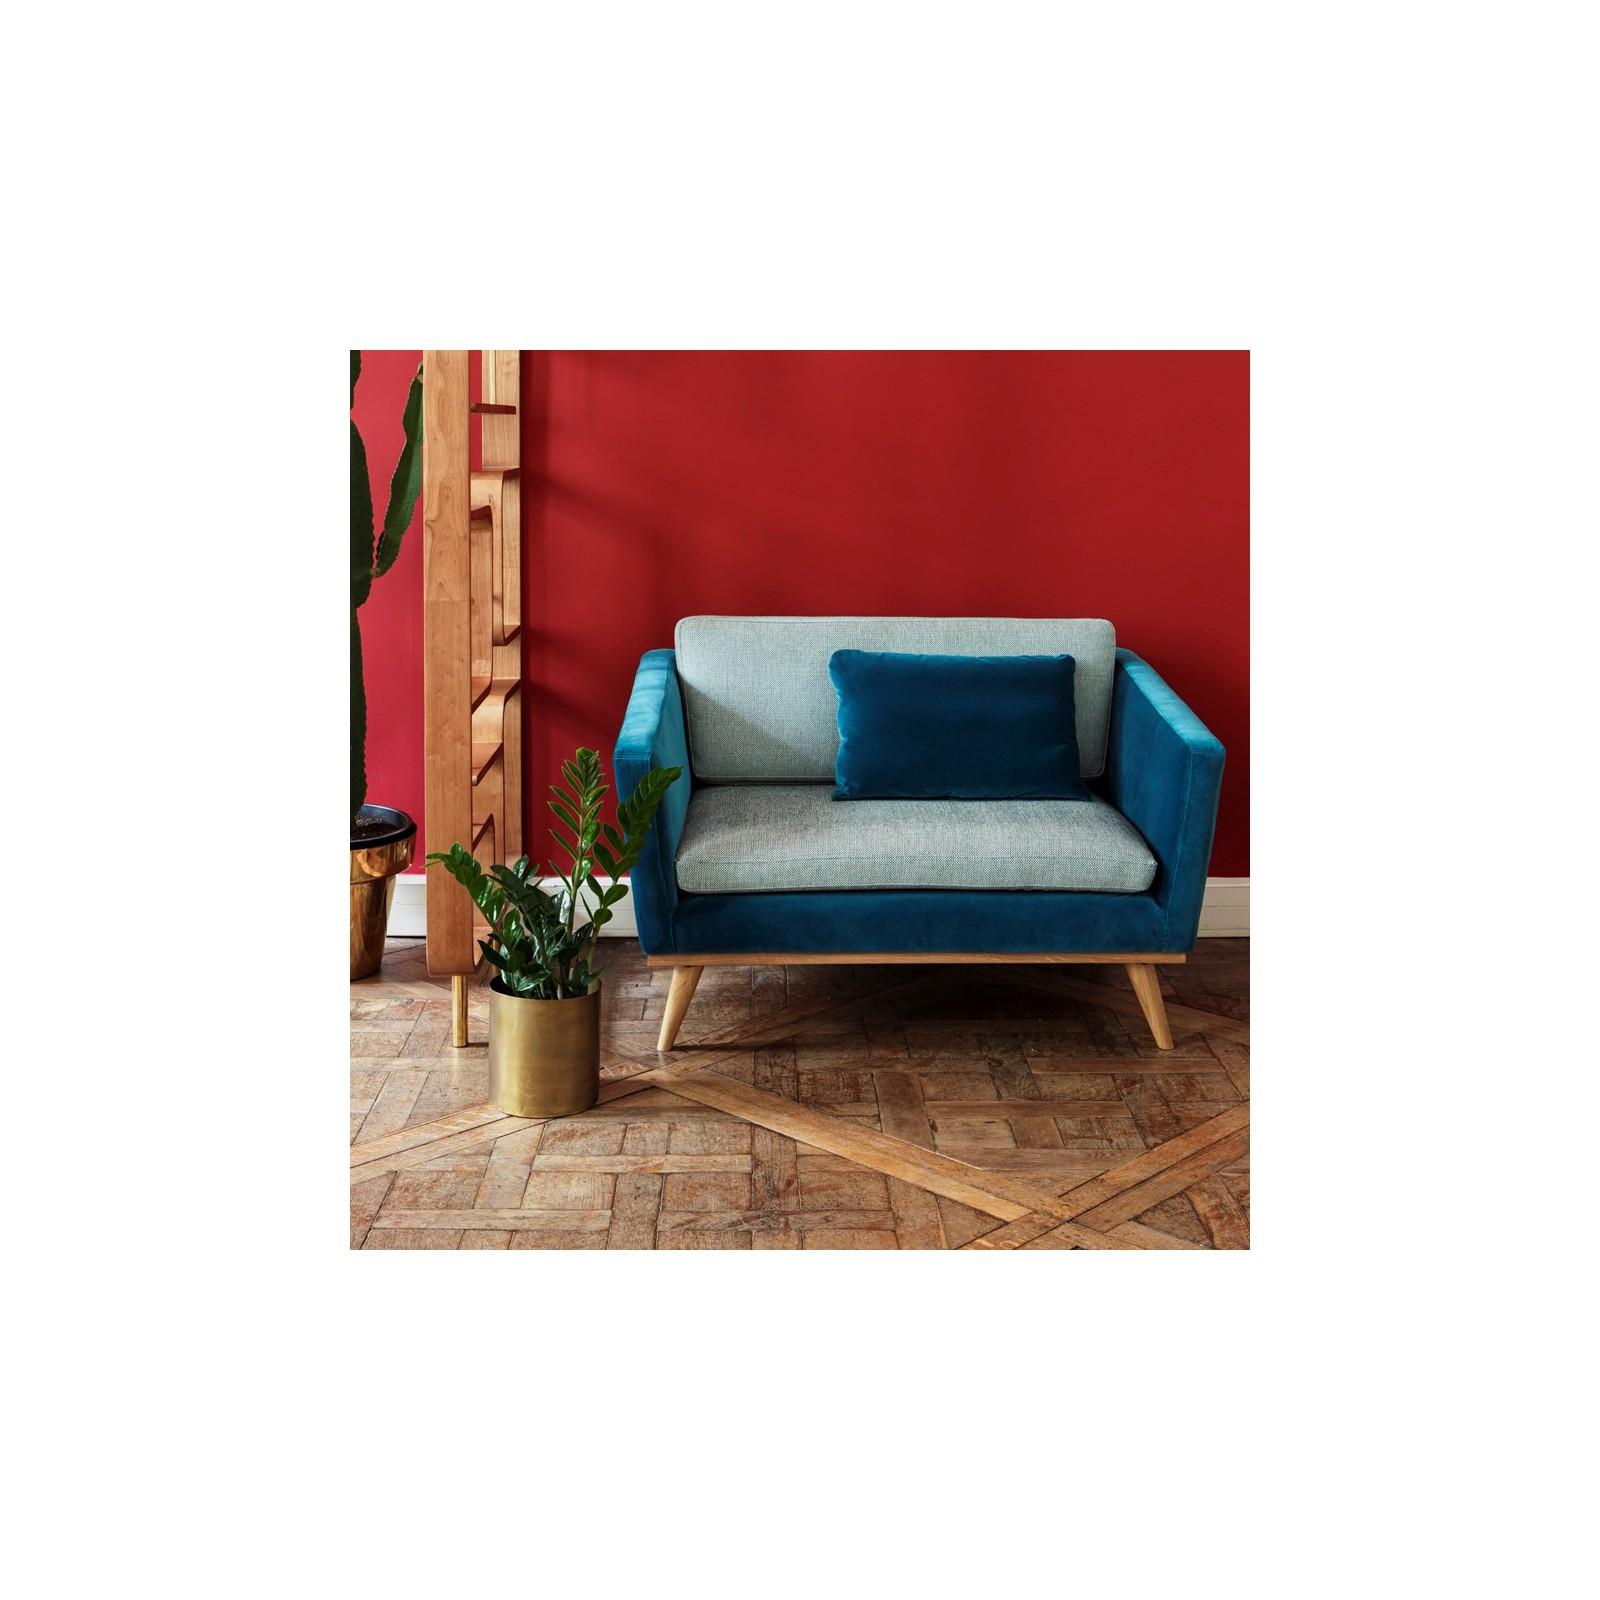 canap velours bleu simple canap places en velours jaune moutarde with canap velours bleu. Black Bedroom Furniture Sets. Home Design Ideas